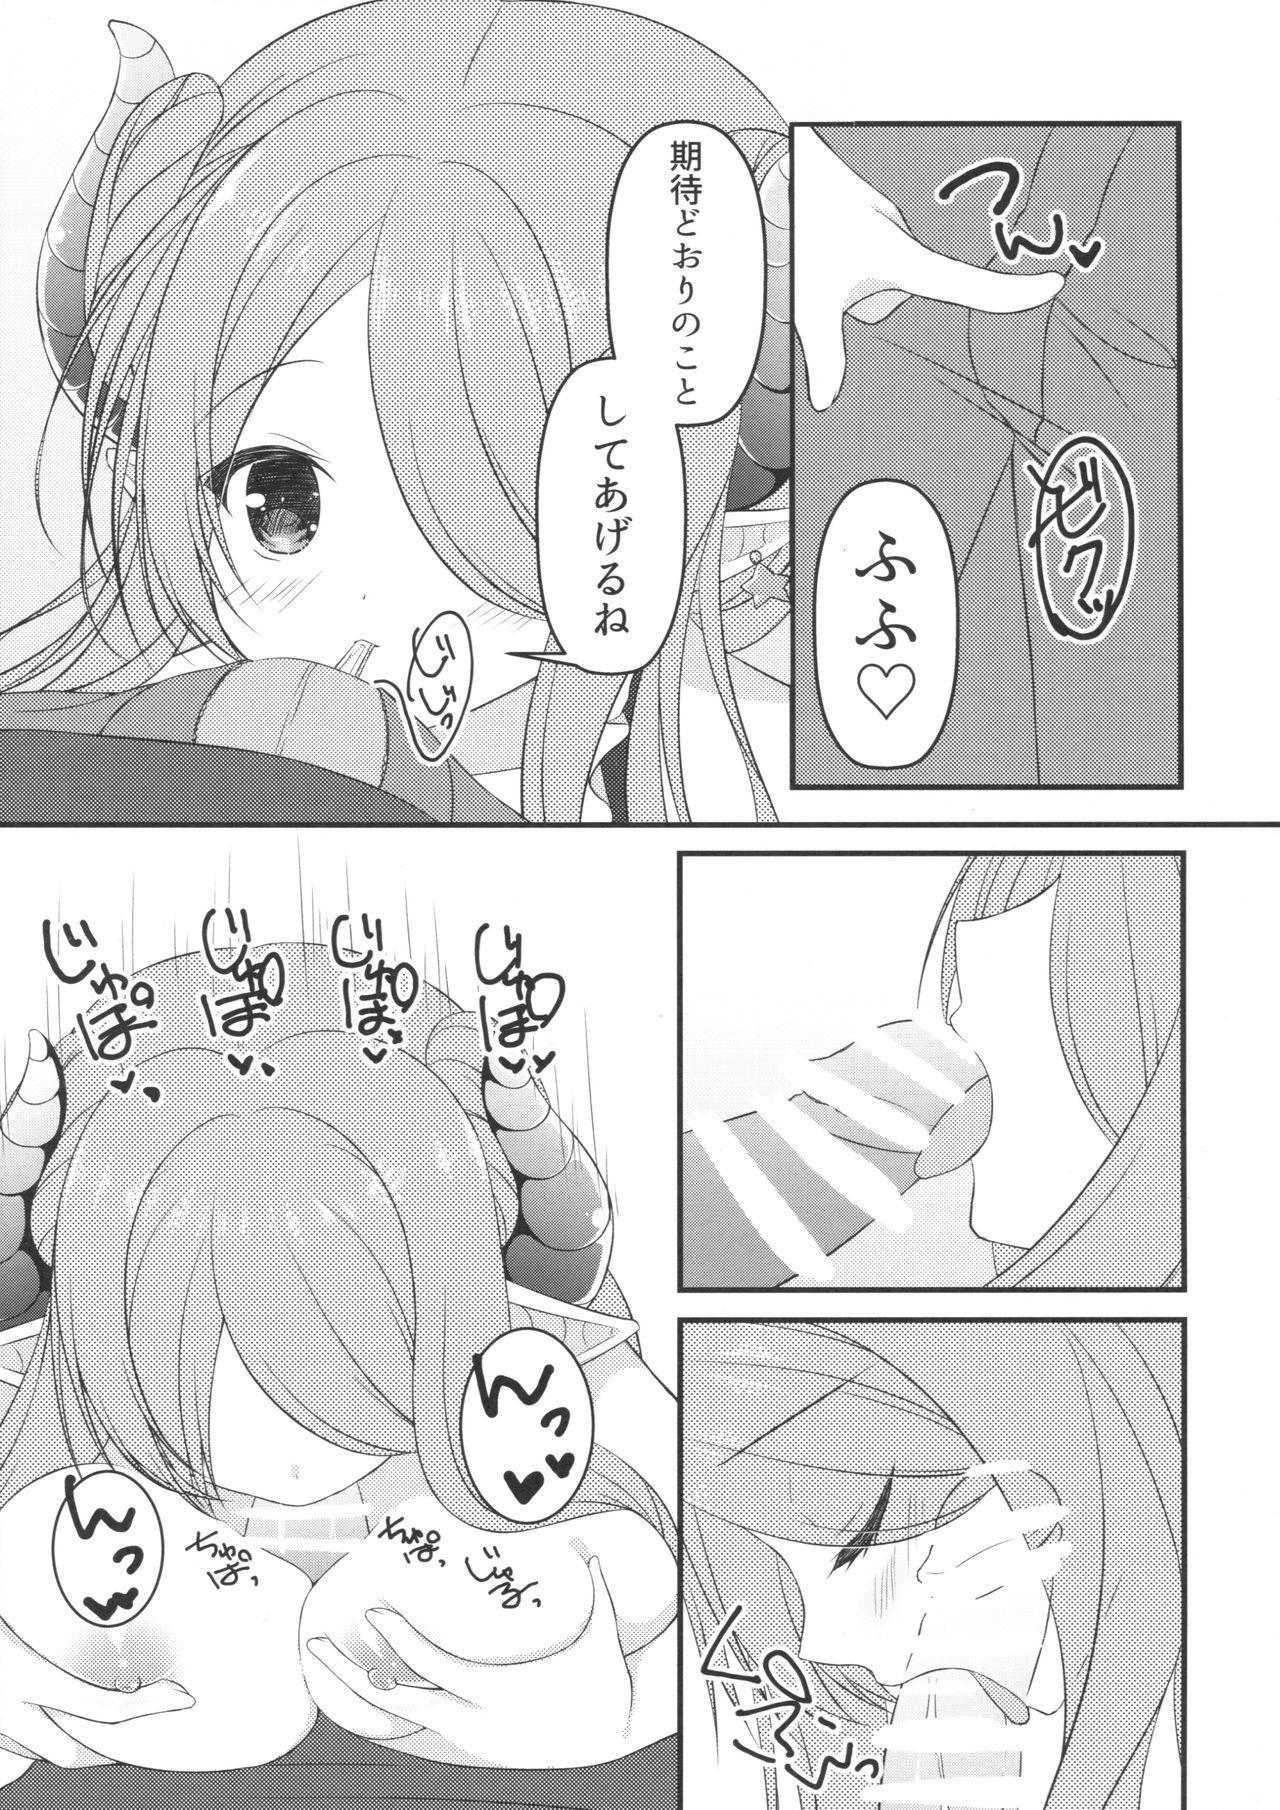 Oira no Inai Toko de Nani Shitenda?! 3